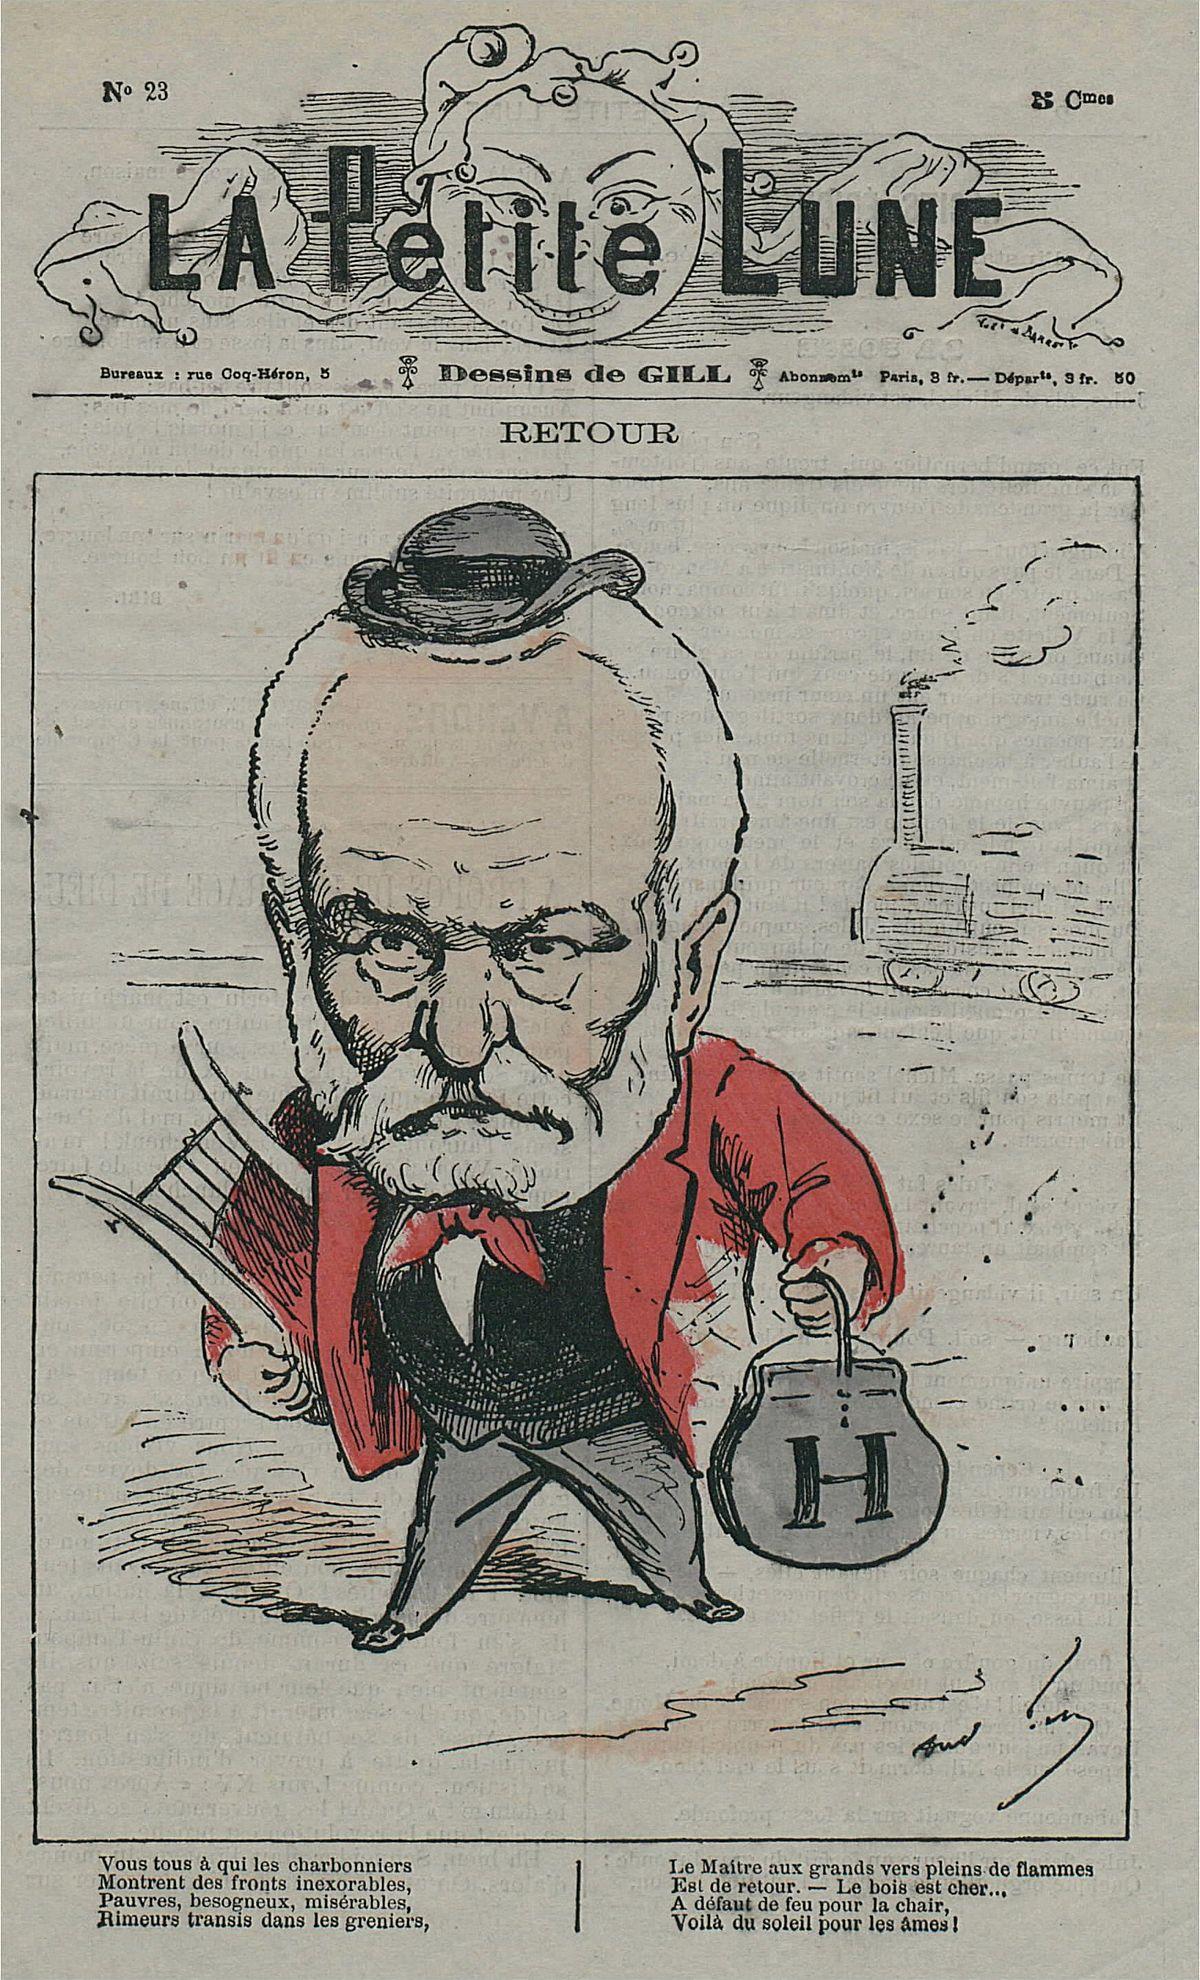 Filevictor Hugo Returnjpg Wikipedia